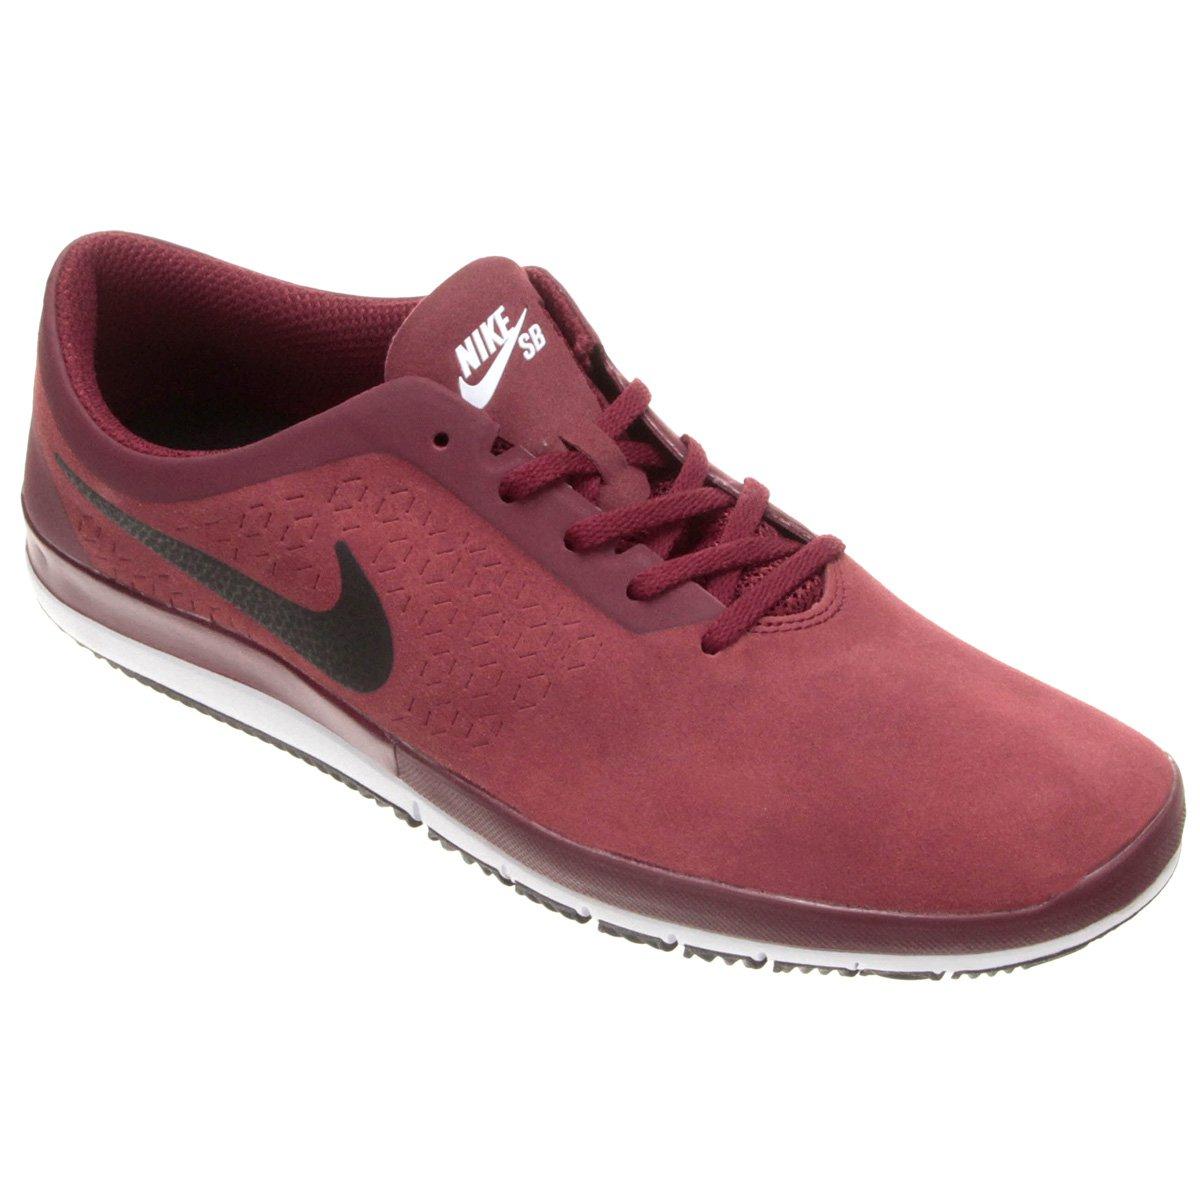 7e5980bba53 Tênis Nike Free SB Nano - Compre Agora